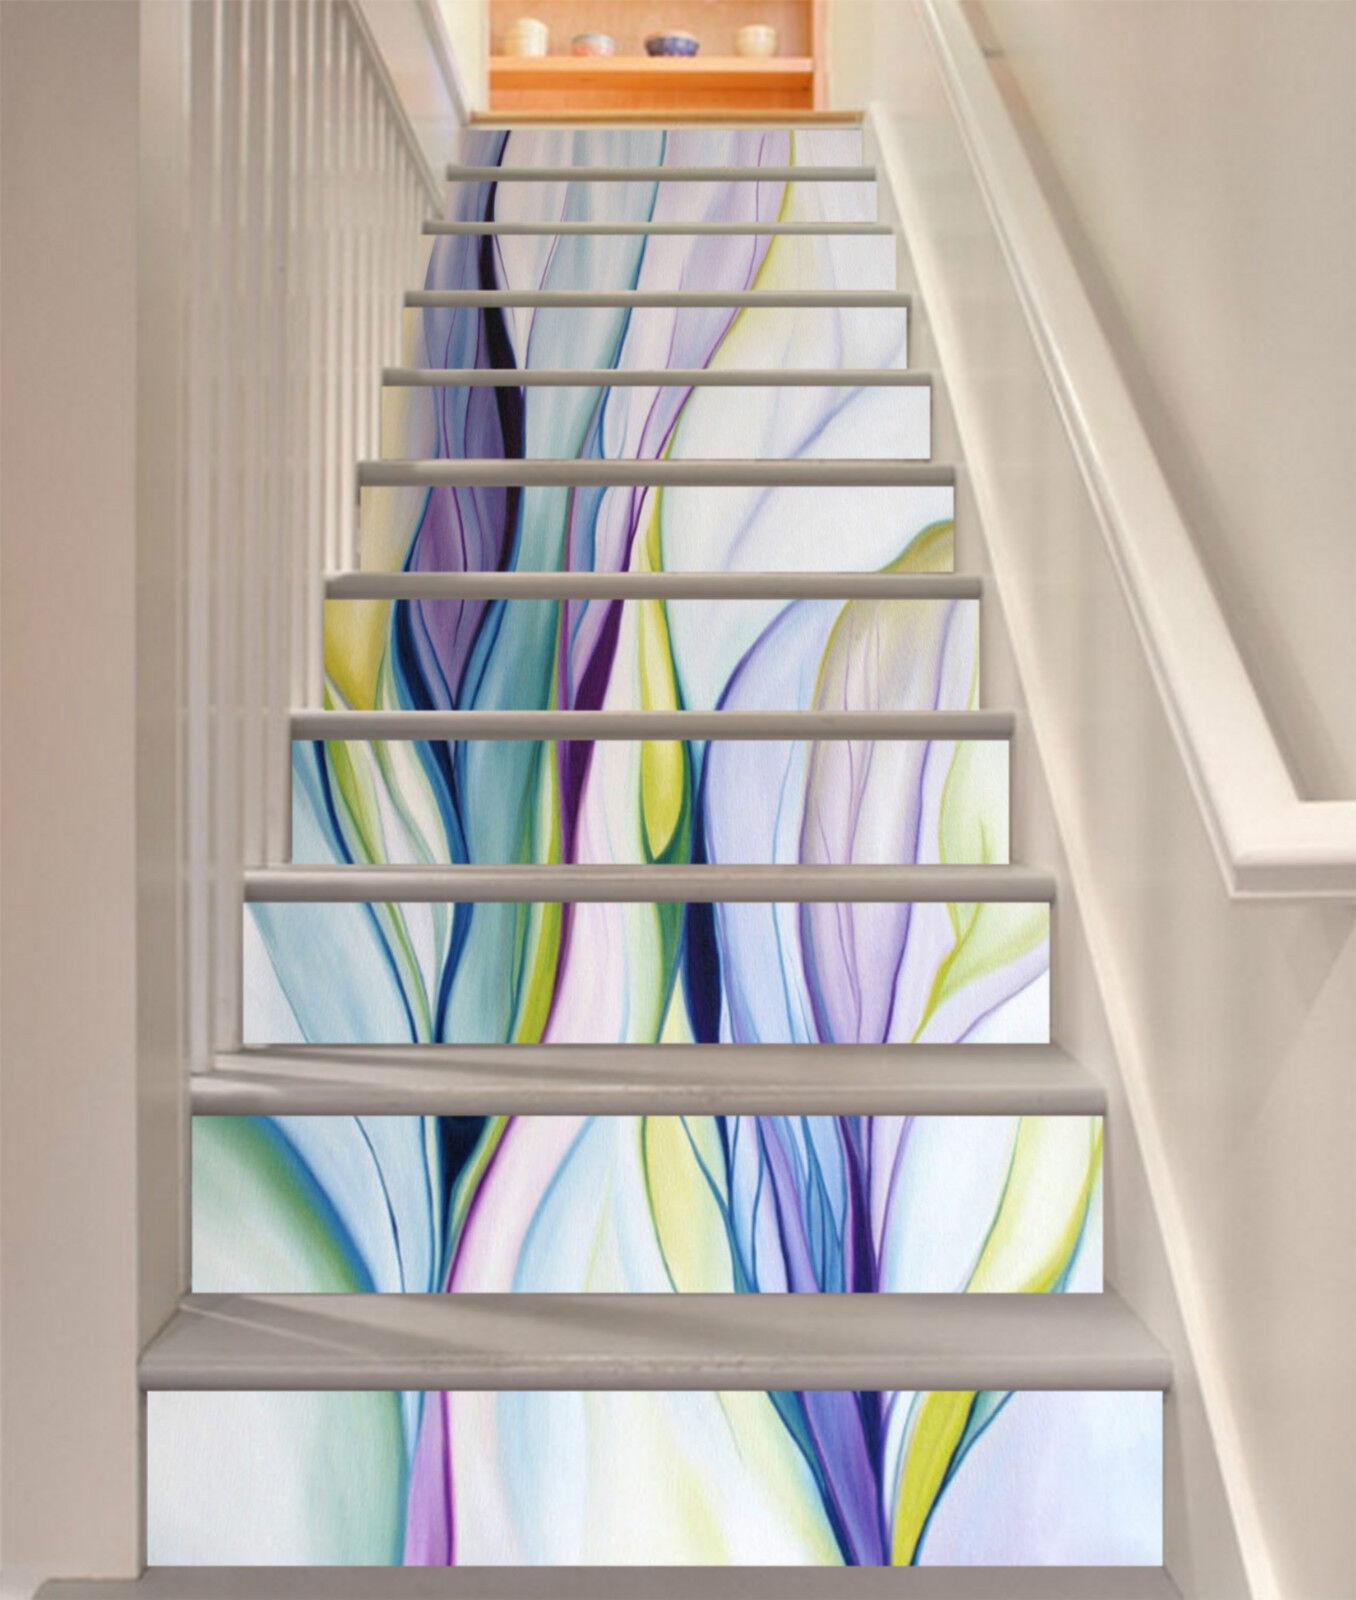 3d Couleur Soie 079 Stair Risers Décoration Papier Peint Vinyle Autocollant Papier Peint De